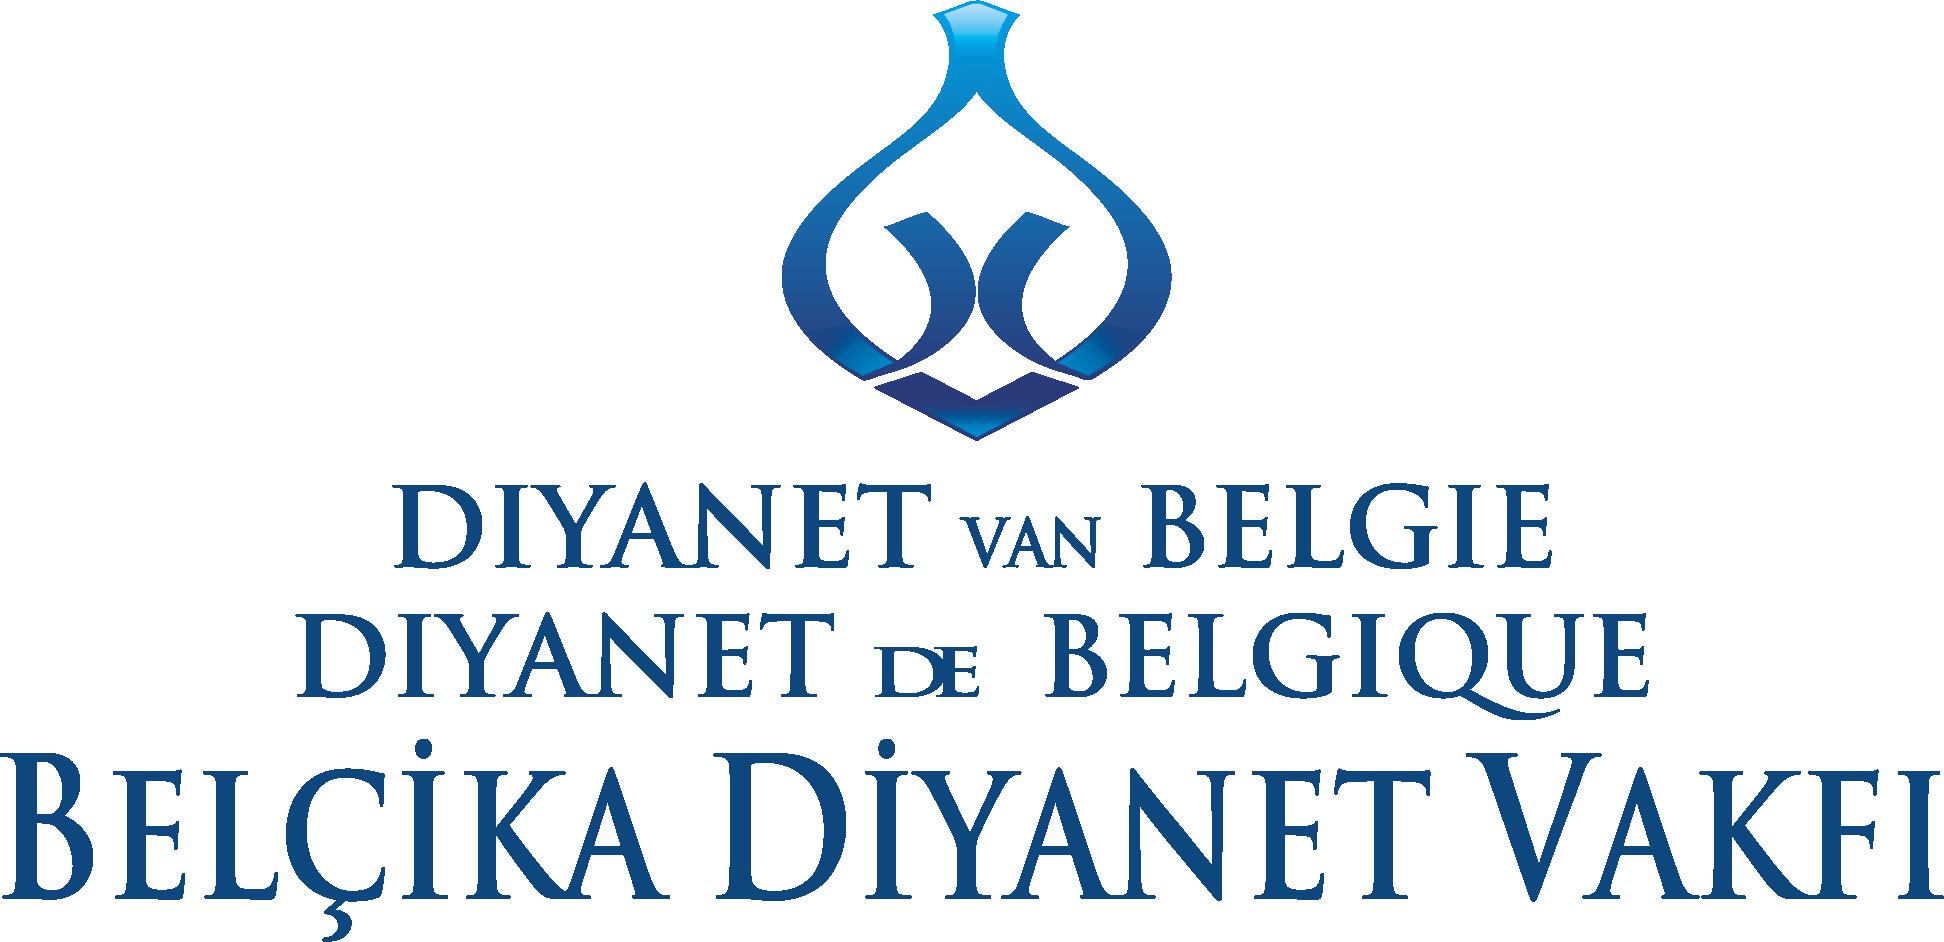 Belçika Diyanet Vakfı